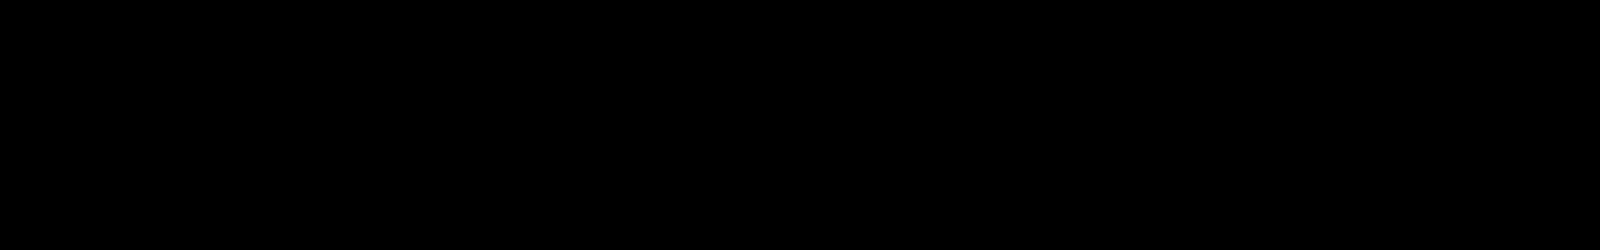 formula for cylinder